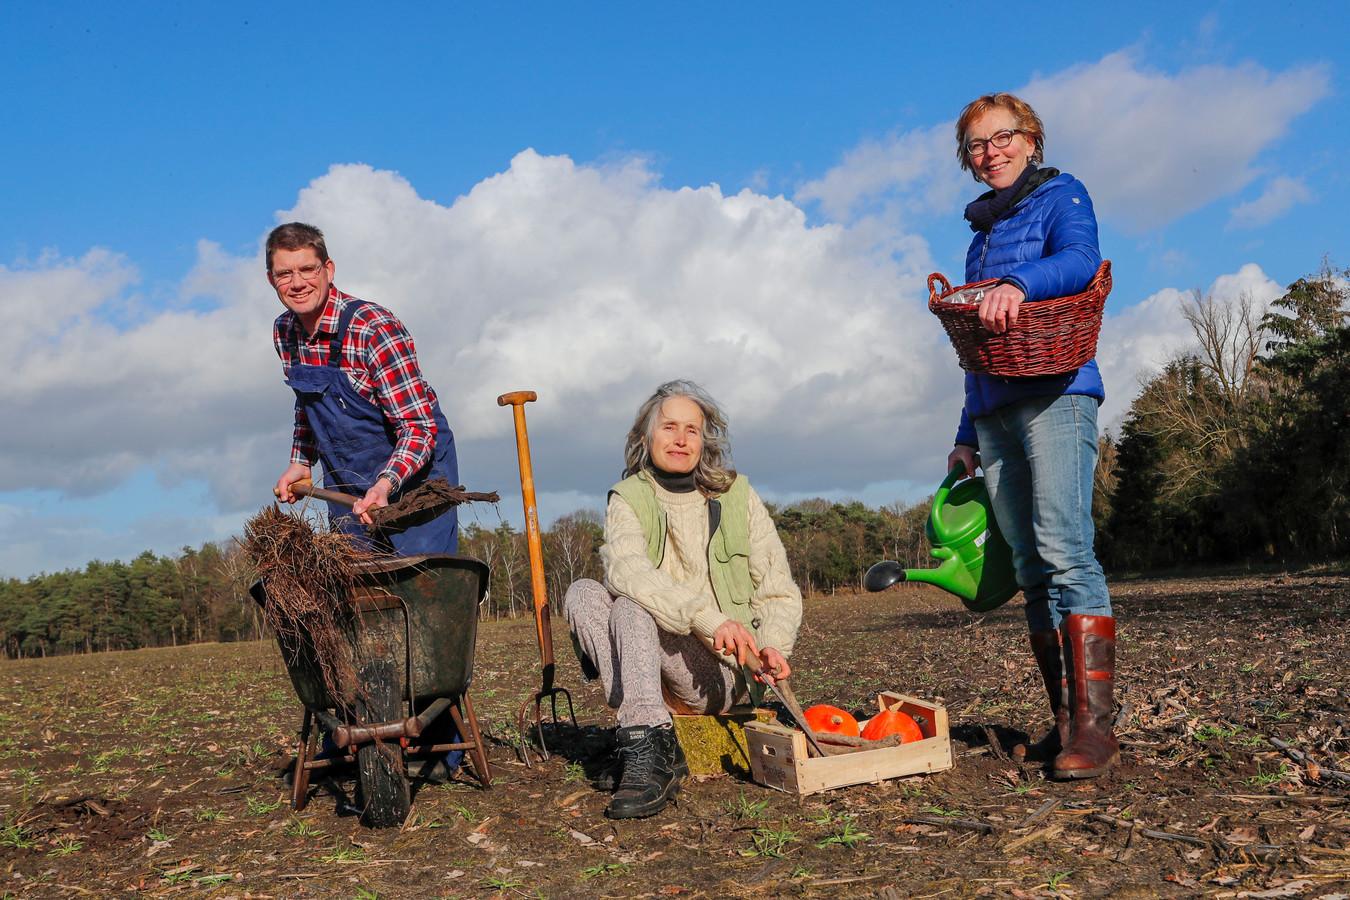 André Veen, Gertrude Arends en Ellen van Beek (v.l.n.r.) van initiatiefgroep 'OnsGildebos'.